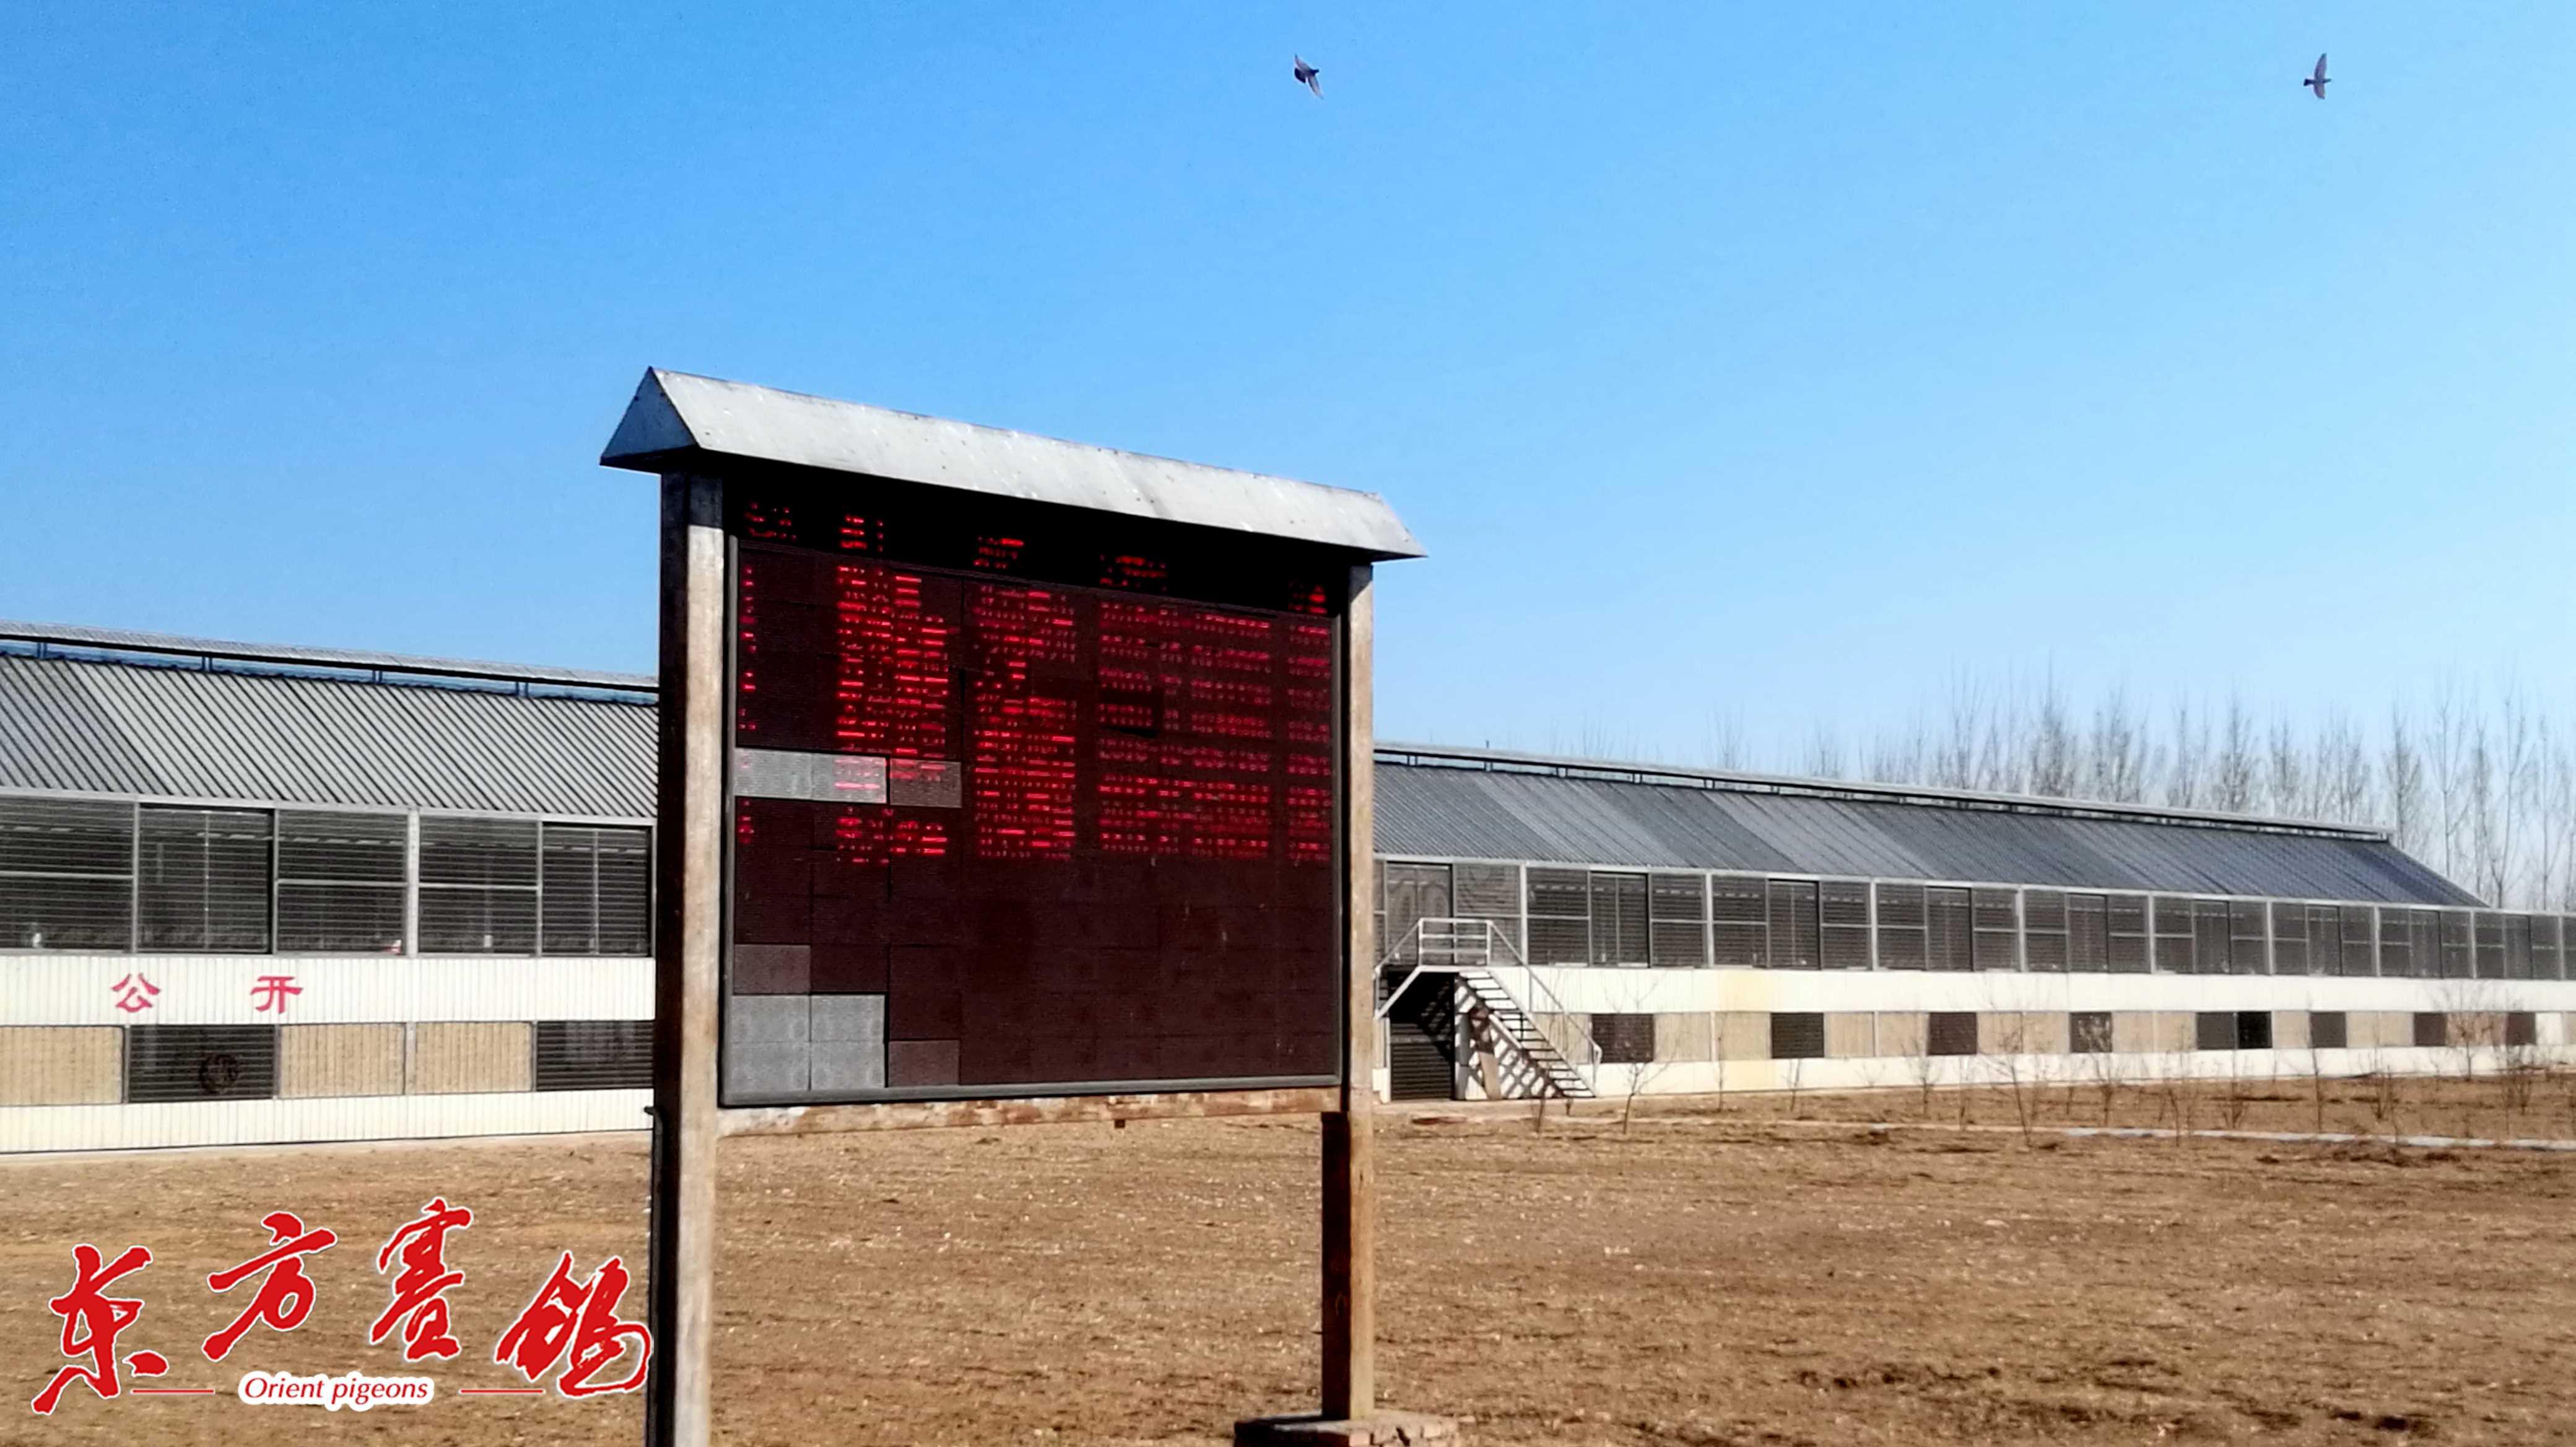 16、公棚电子显示屏实时播放即时归来的鸽子。